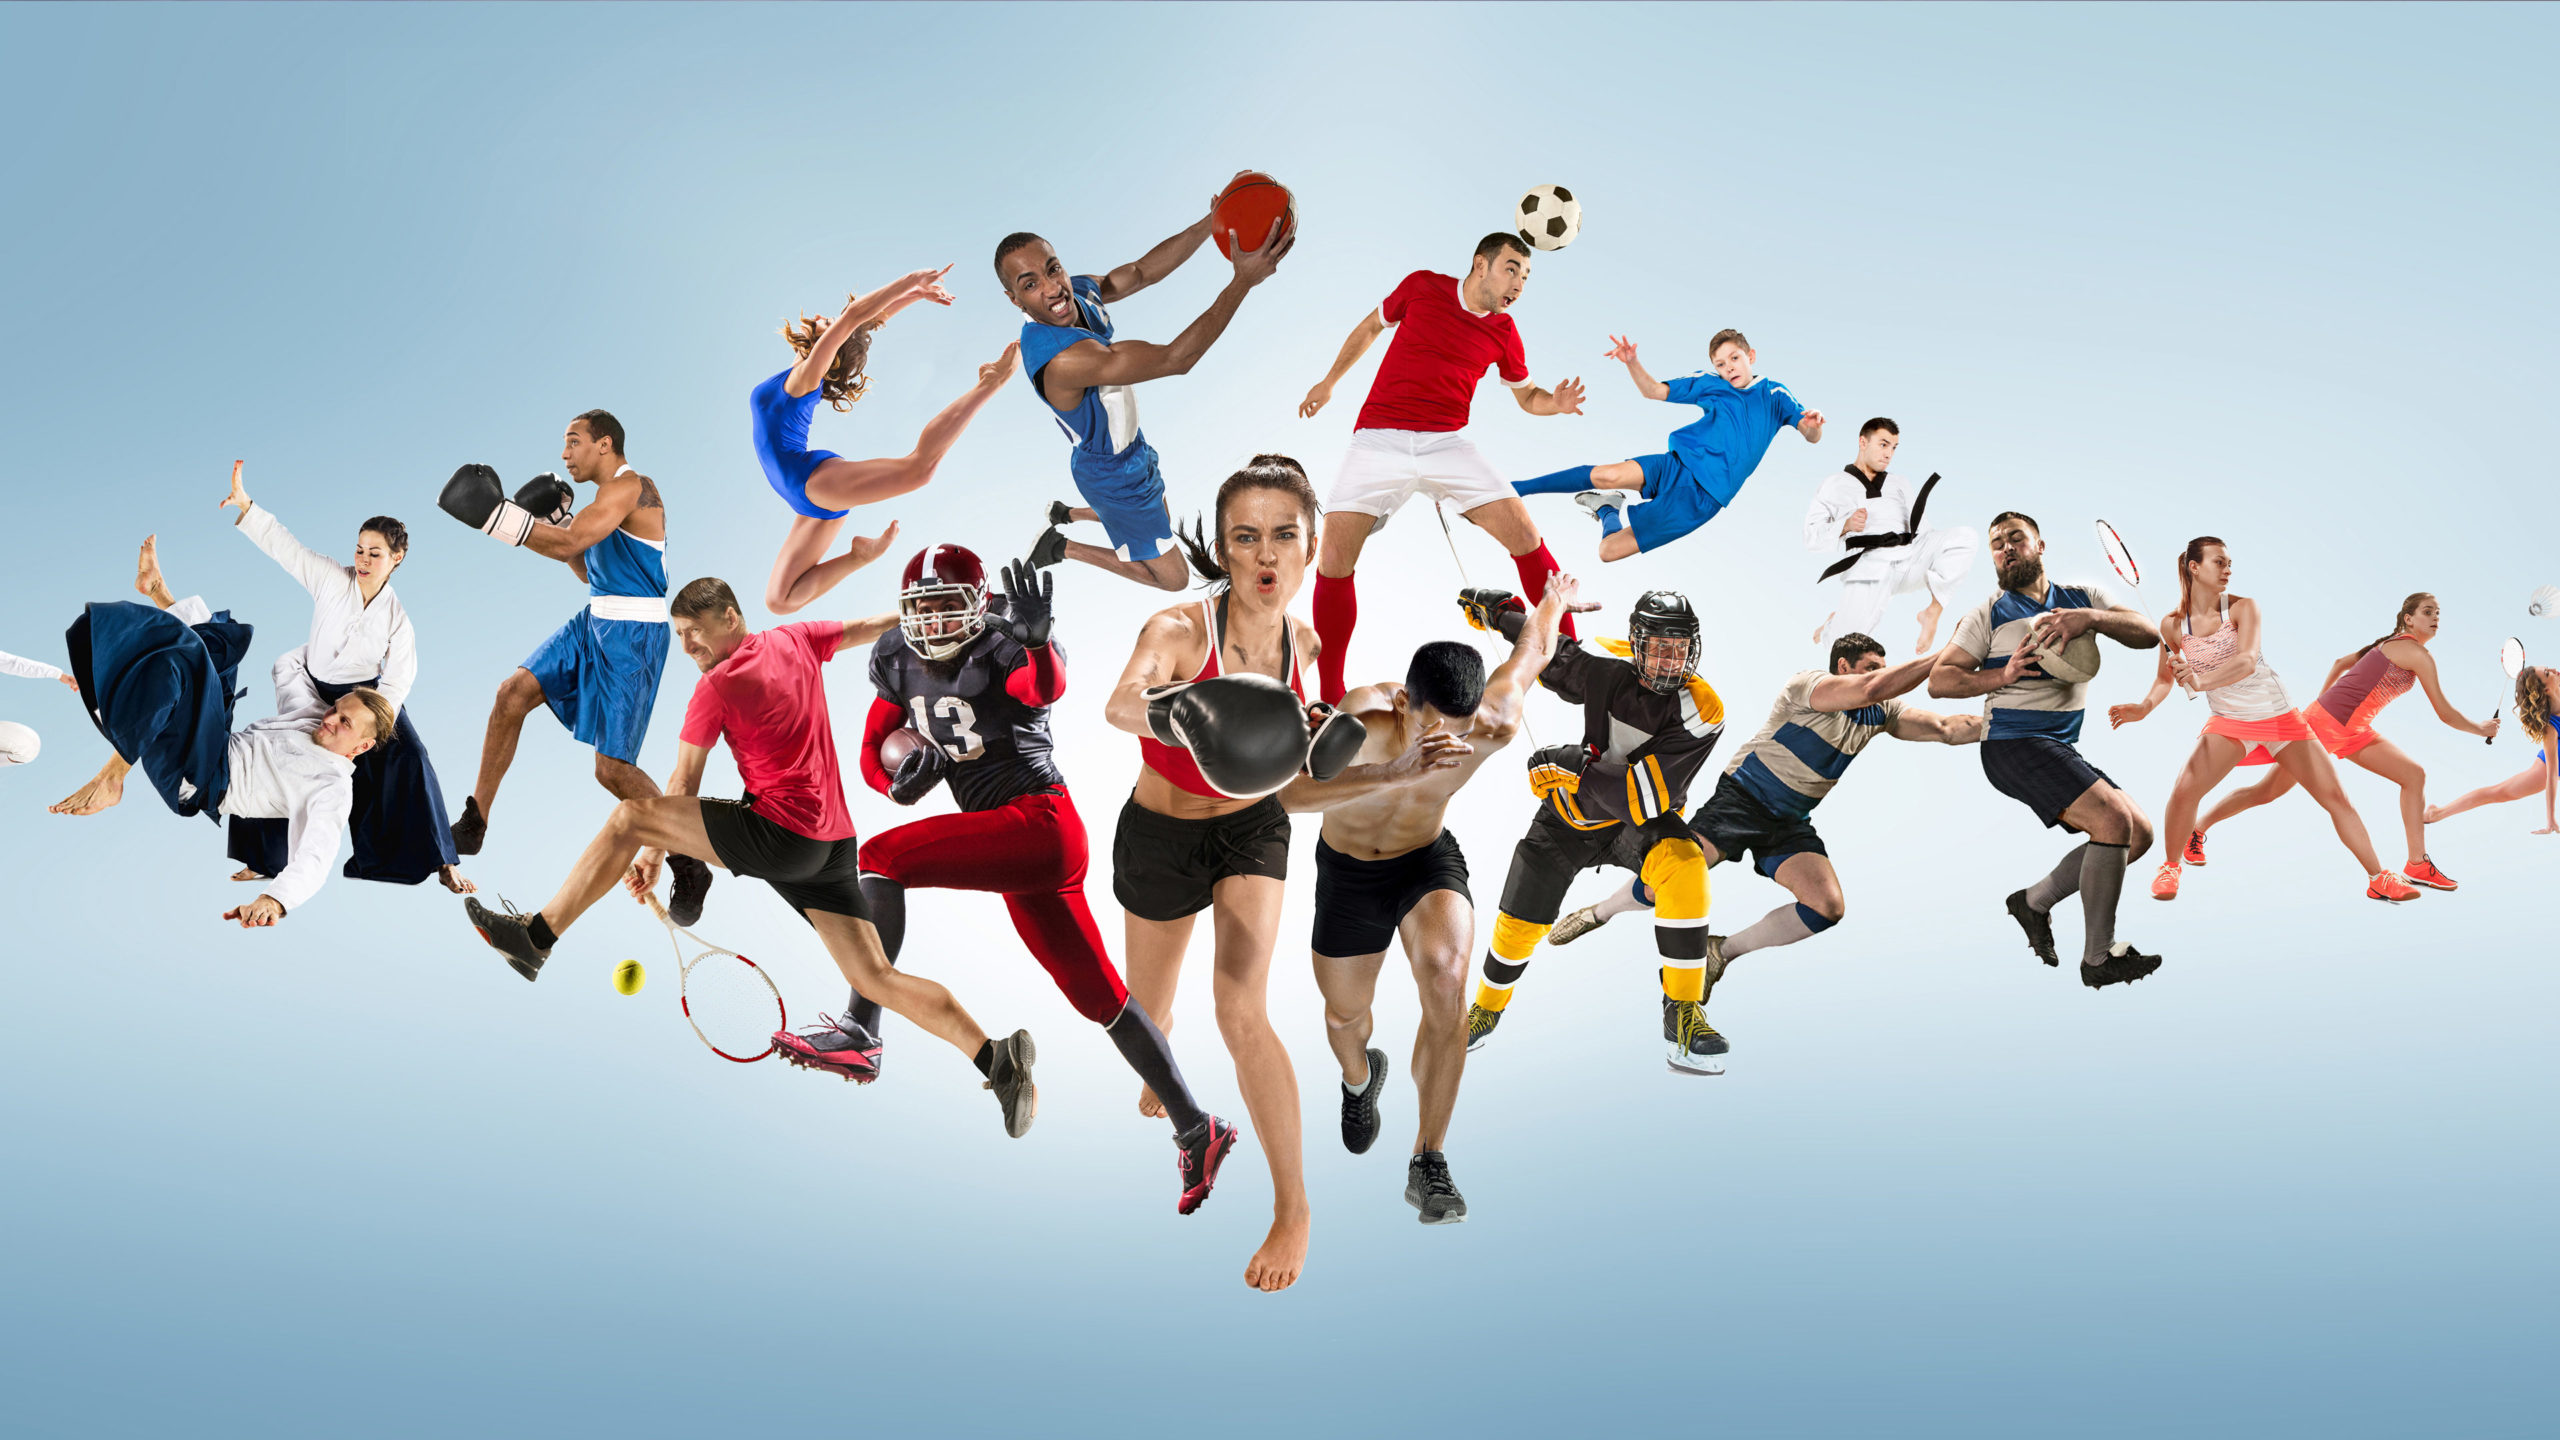 विश्व खेलकुदमा वर्ष २०२० कस्तो रह्यो? खेलकुद समिक्षा !!